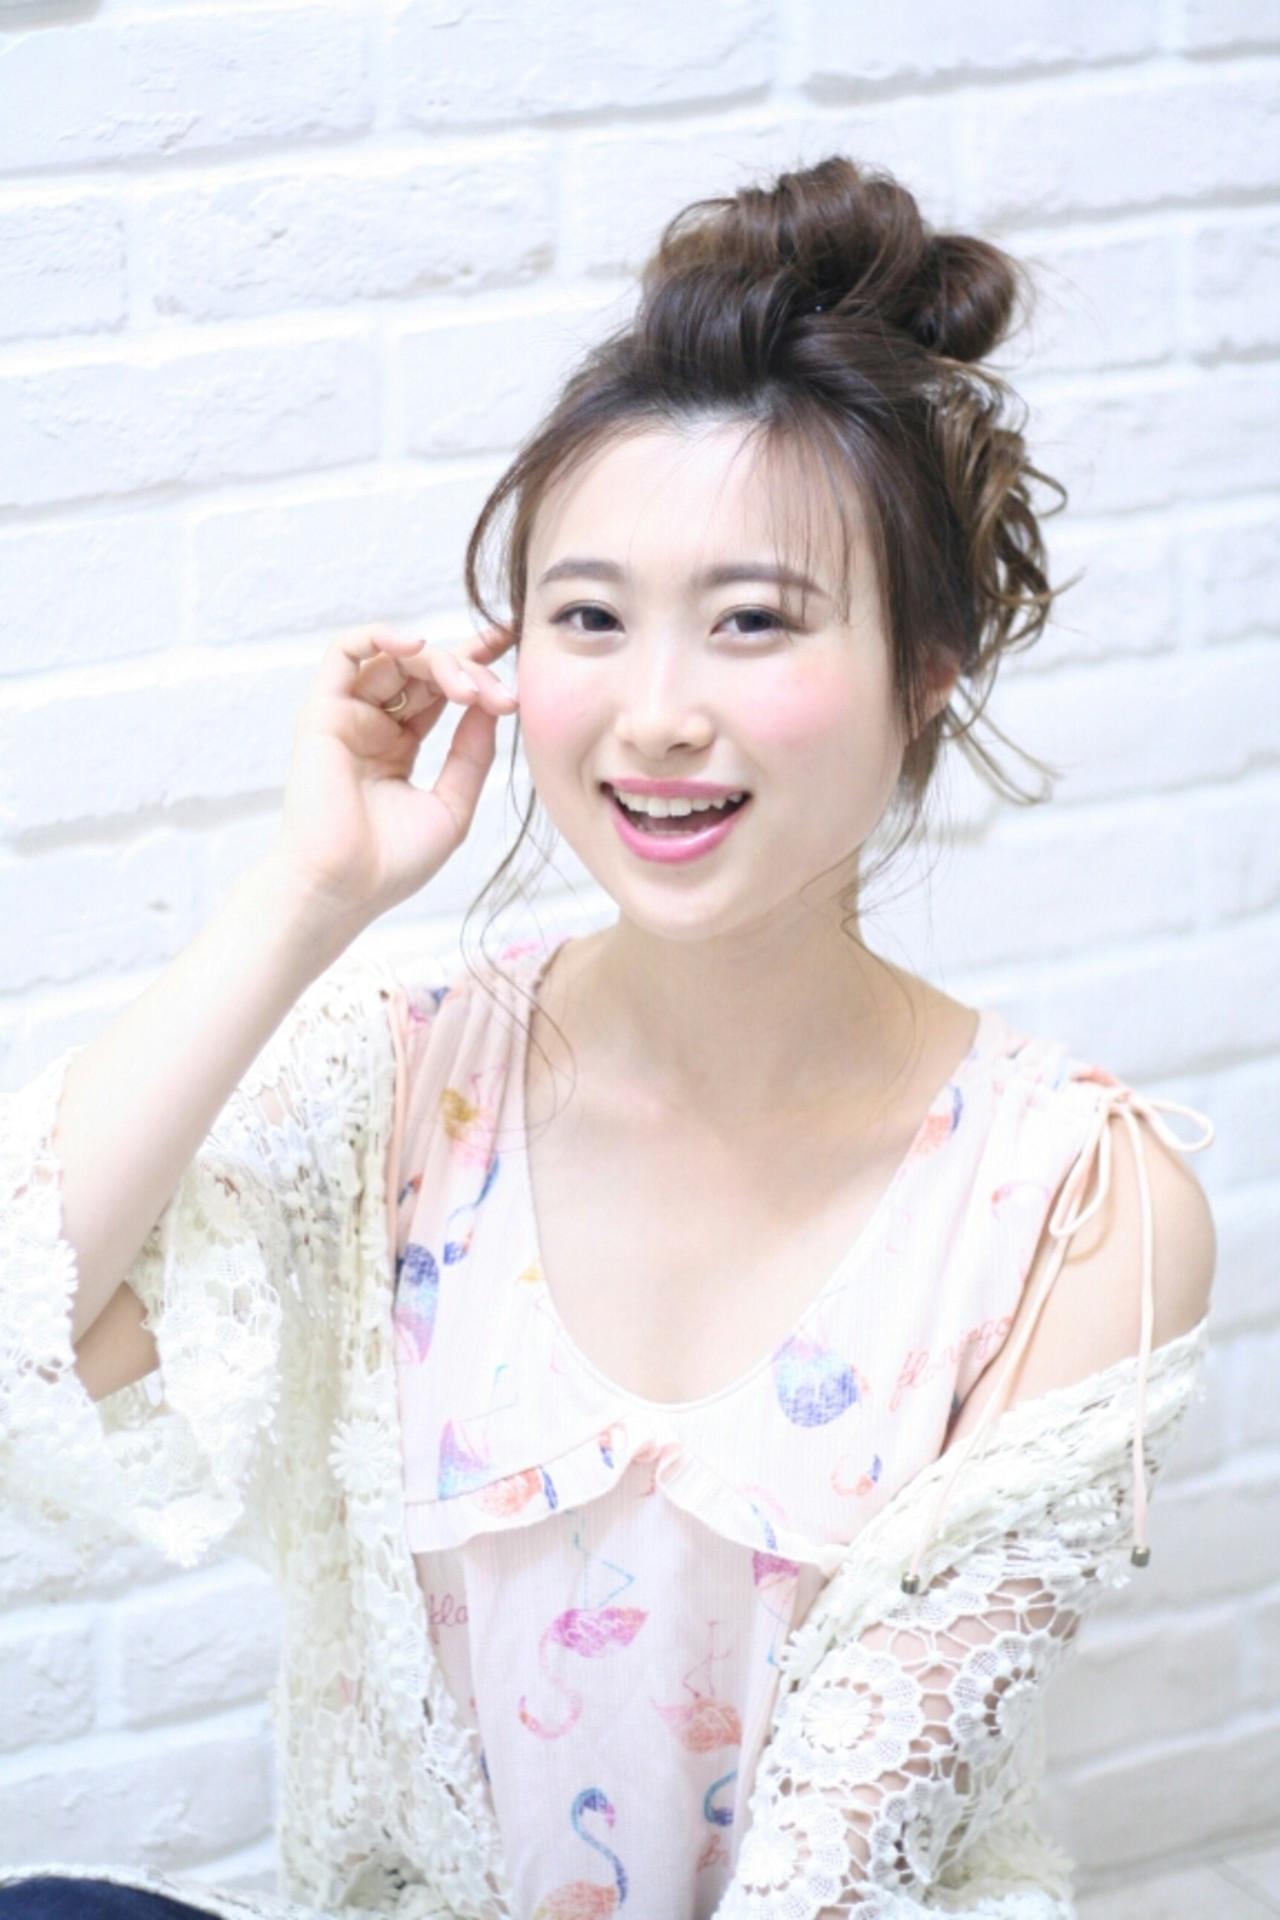 面長さんにもおすすめ!長い前髪のアレンジ Naoko Miura